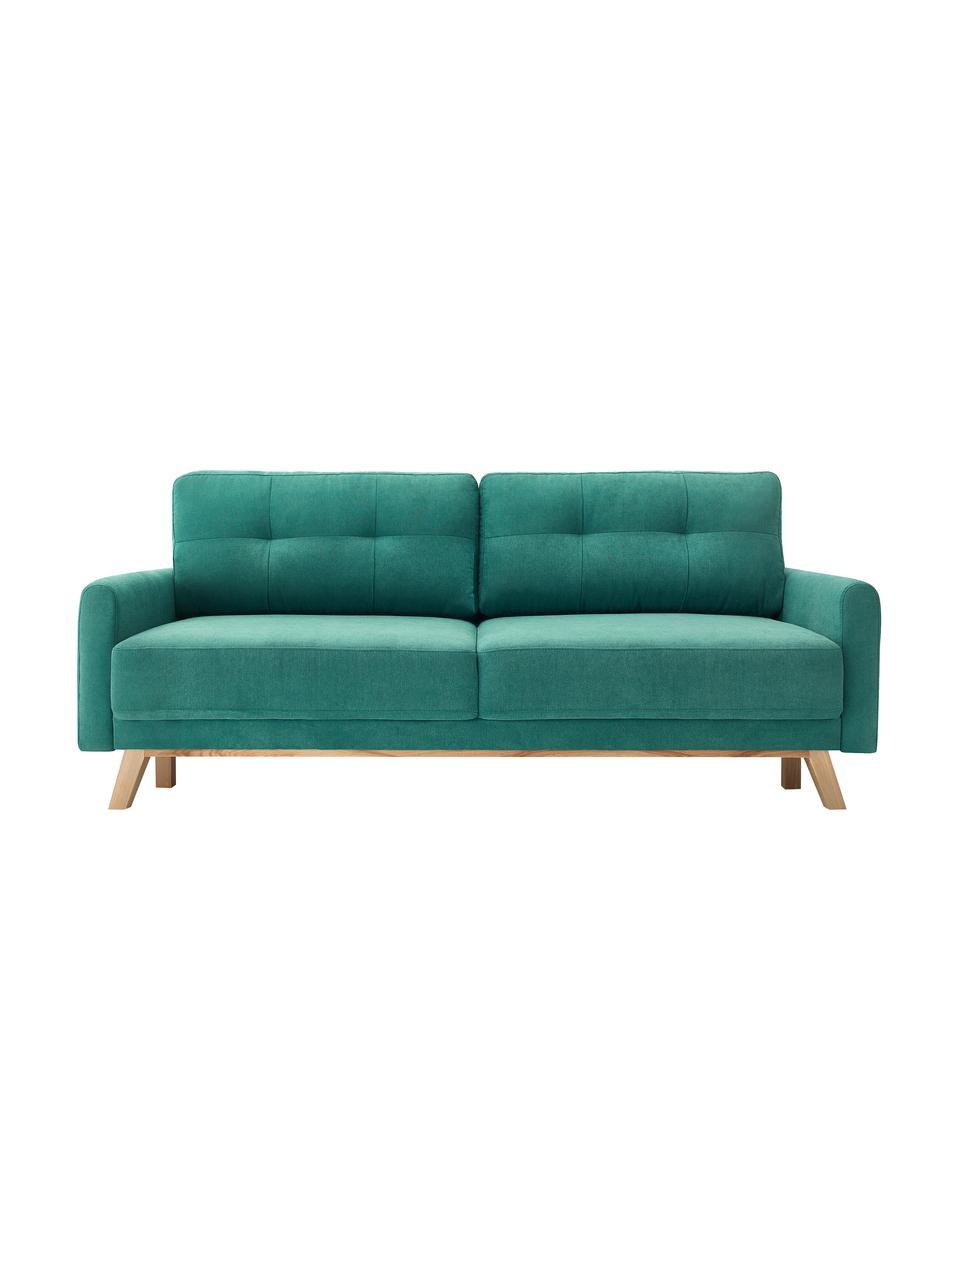 Sofa rozkładana z aksamitu z miejscem do przechowywani Balio (3-osobowa), Tapicerka: 100% aksamit poliestrowy , Nogi: drewno naturalne, Szmaragdowy, S 216 x G 102 cm